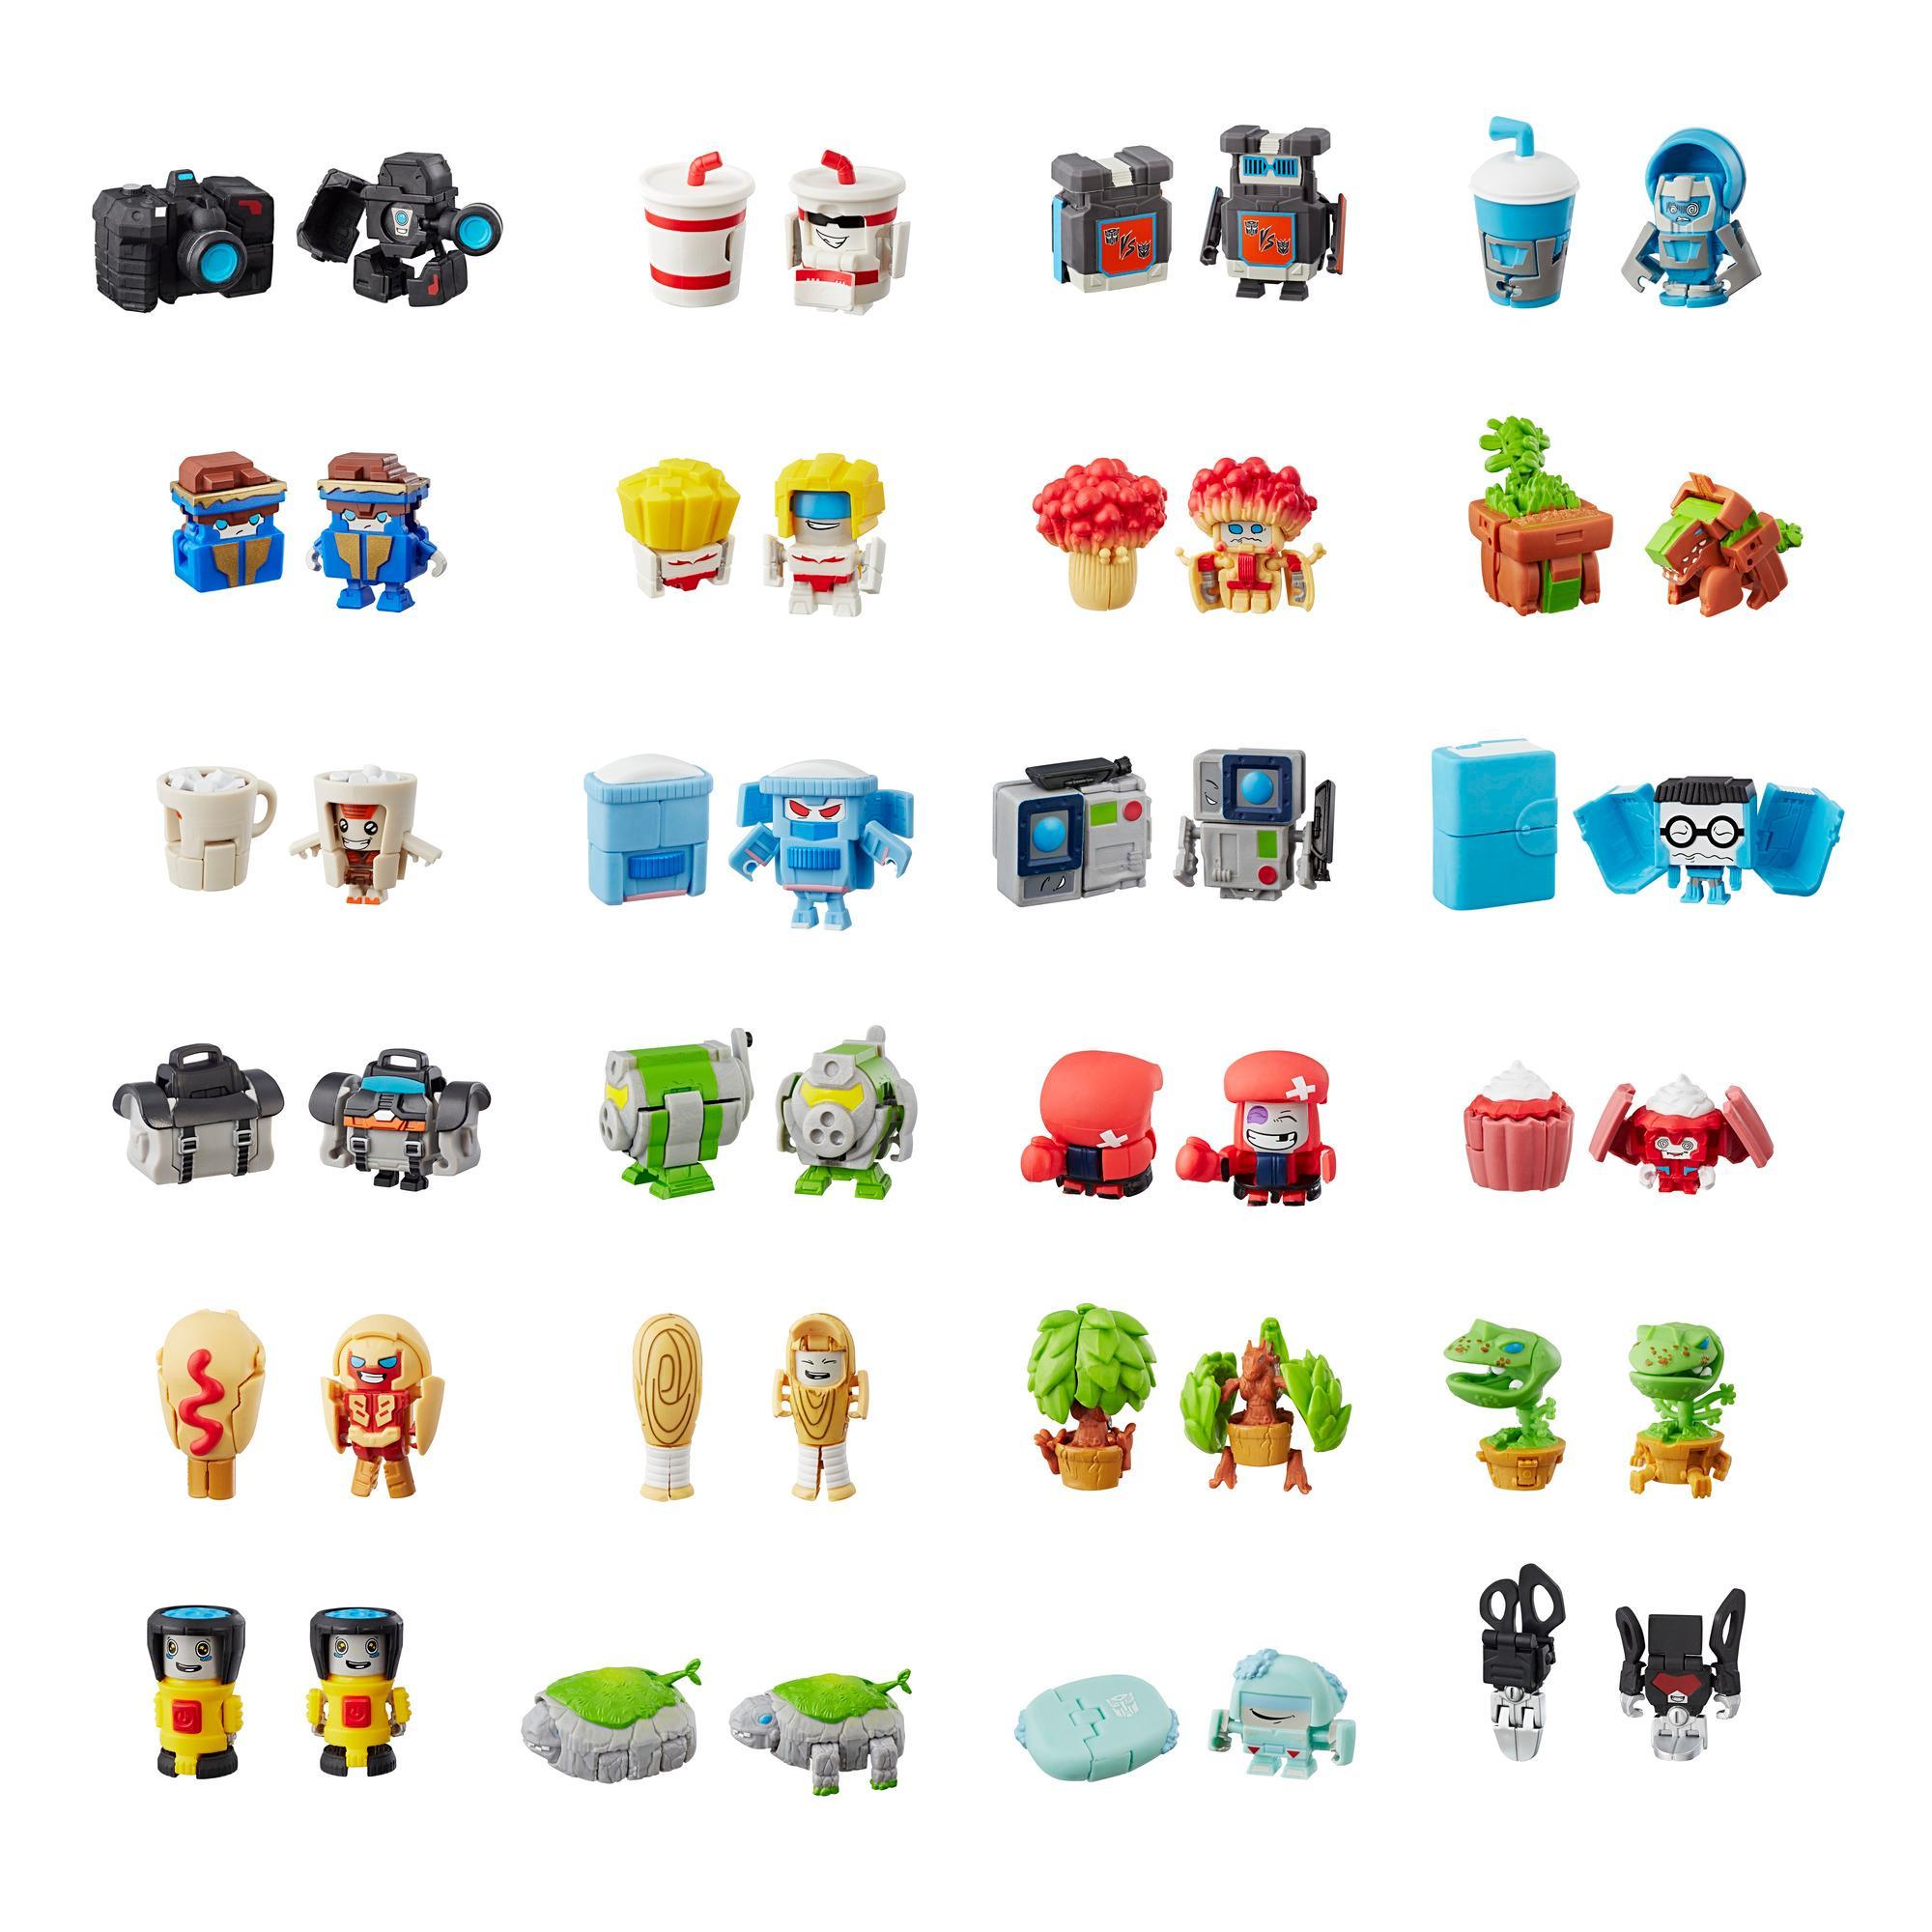 Transformers Toys BotBots Serie 4 - bolsitas sorpresa coleccionables - ¡Figuras misterio 2 en 1! Para niños de 5 años en adelante de Hasbro.